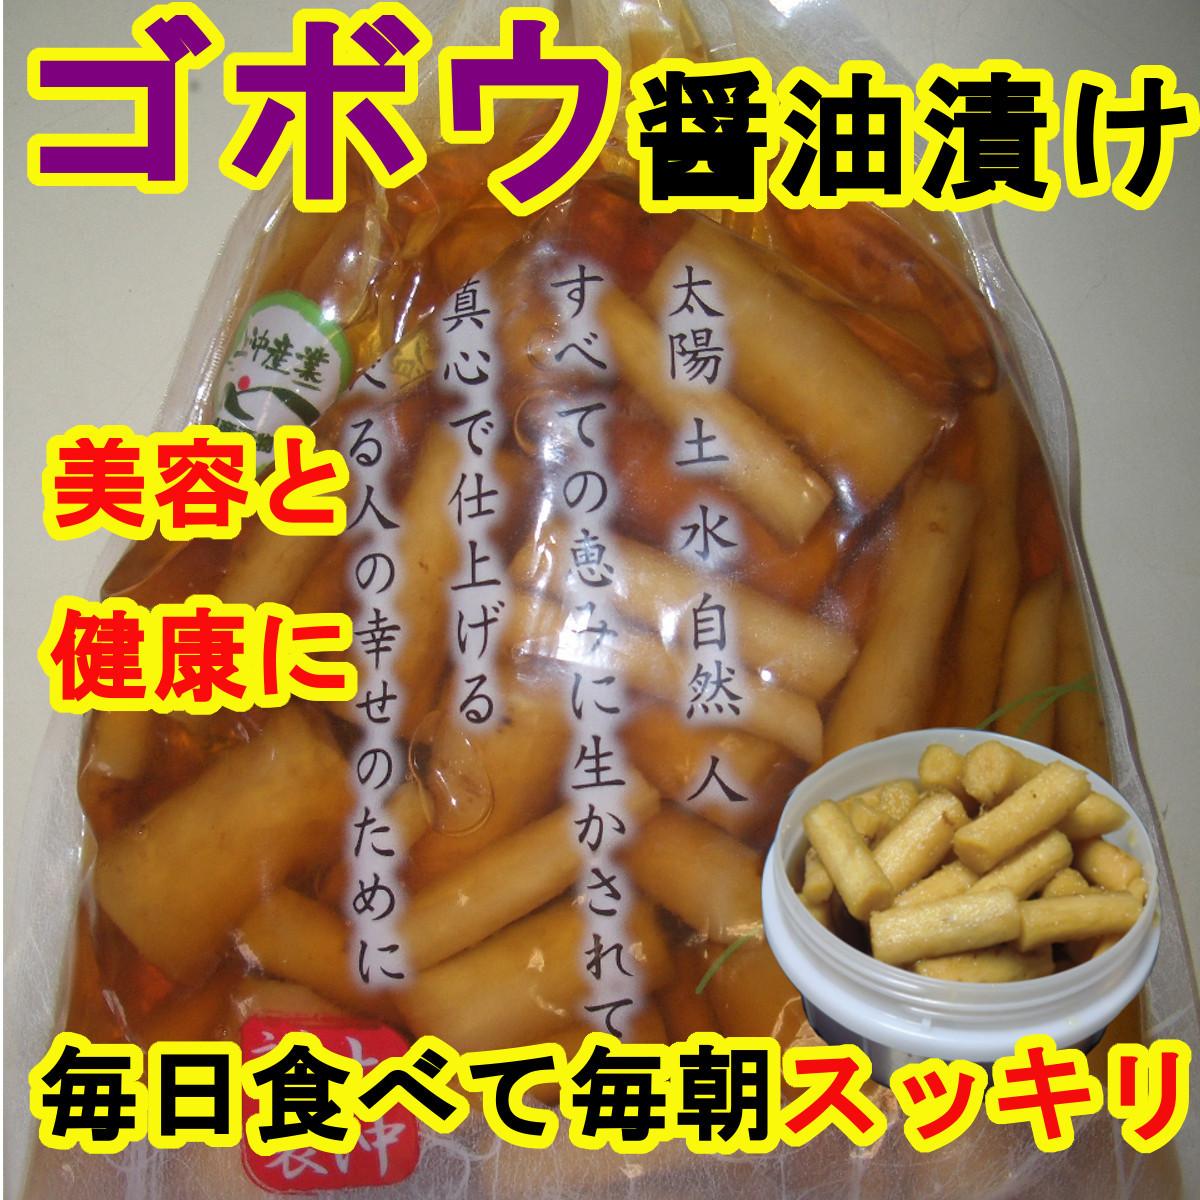 ゴボウの醤油漬け」20袋 ご飯のお供 宮崎県産ゴボウの漬物 おかず おつまみ お茶うけ 色んな料理の付合わせに 食べてスッキリ 送料無料 _画像5